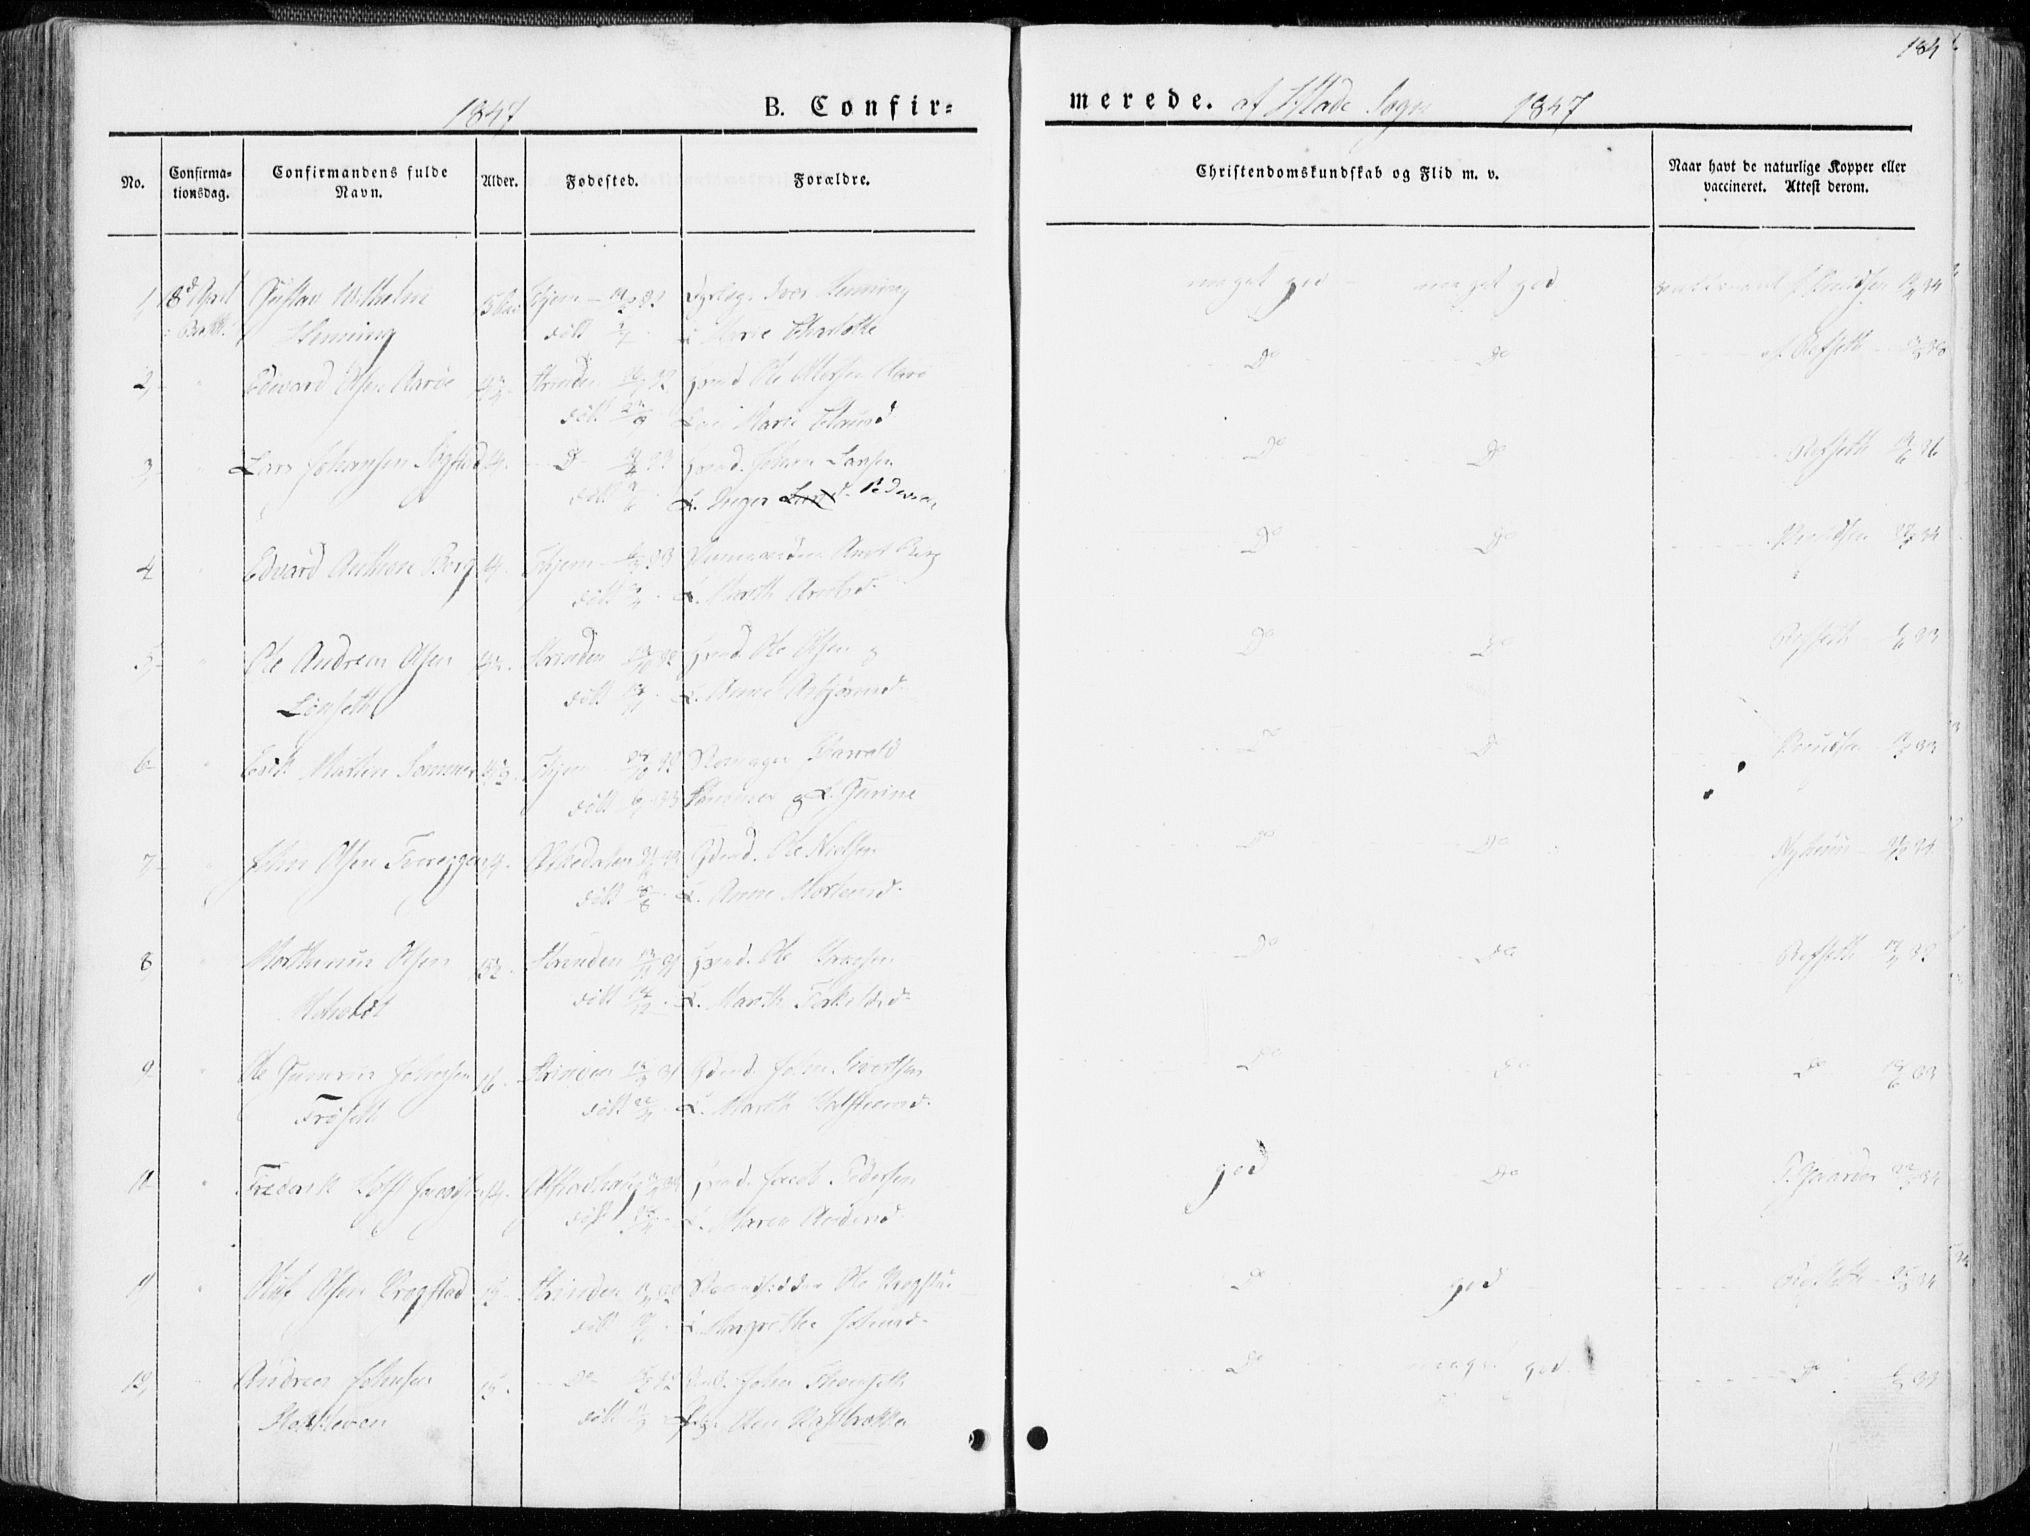 SAT, Ministerialprotokoller, klokkerbøker og fødselsregistre - Sør-Trøndelag, 606/L0290: Ministerialbok nr. 606A05, 1841-1847, s. 184